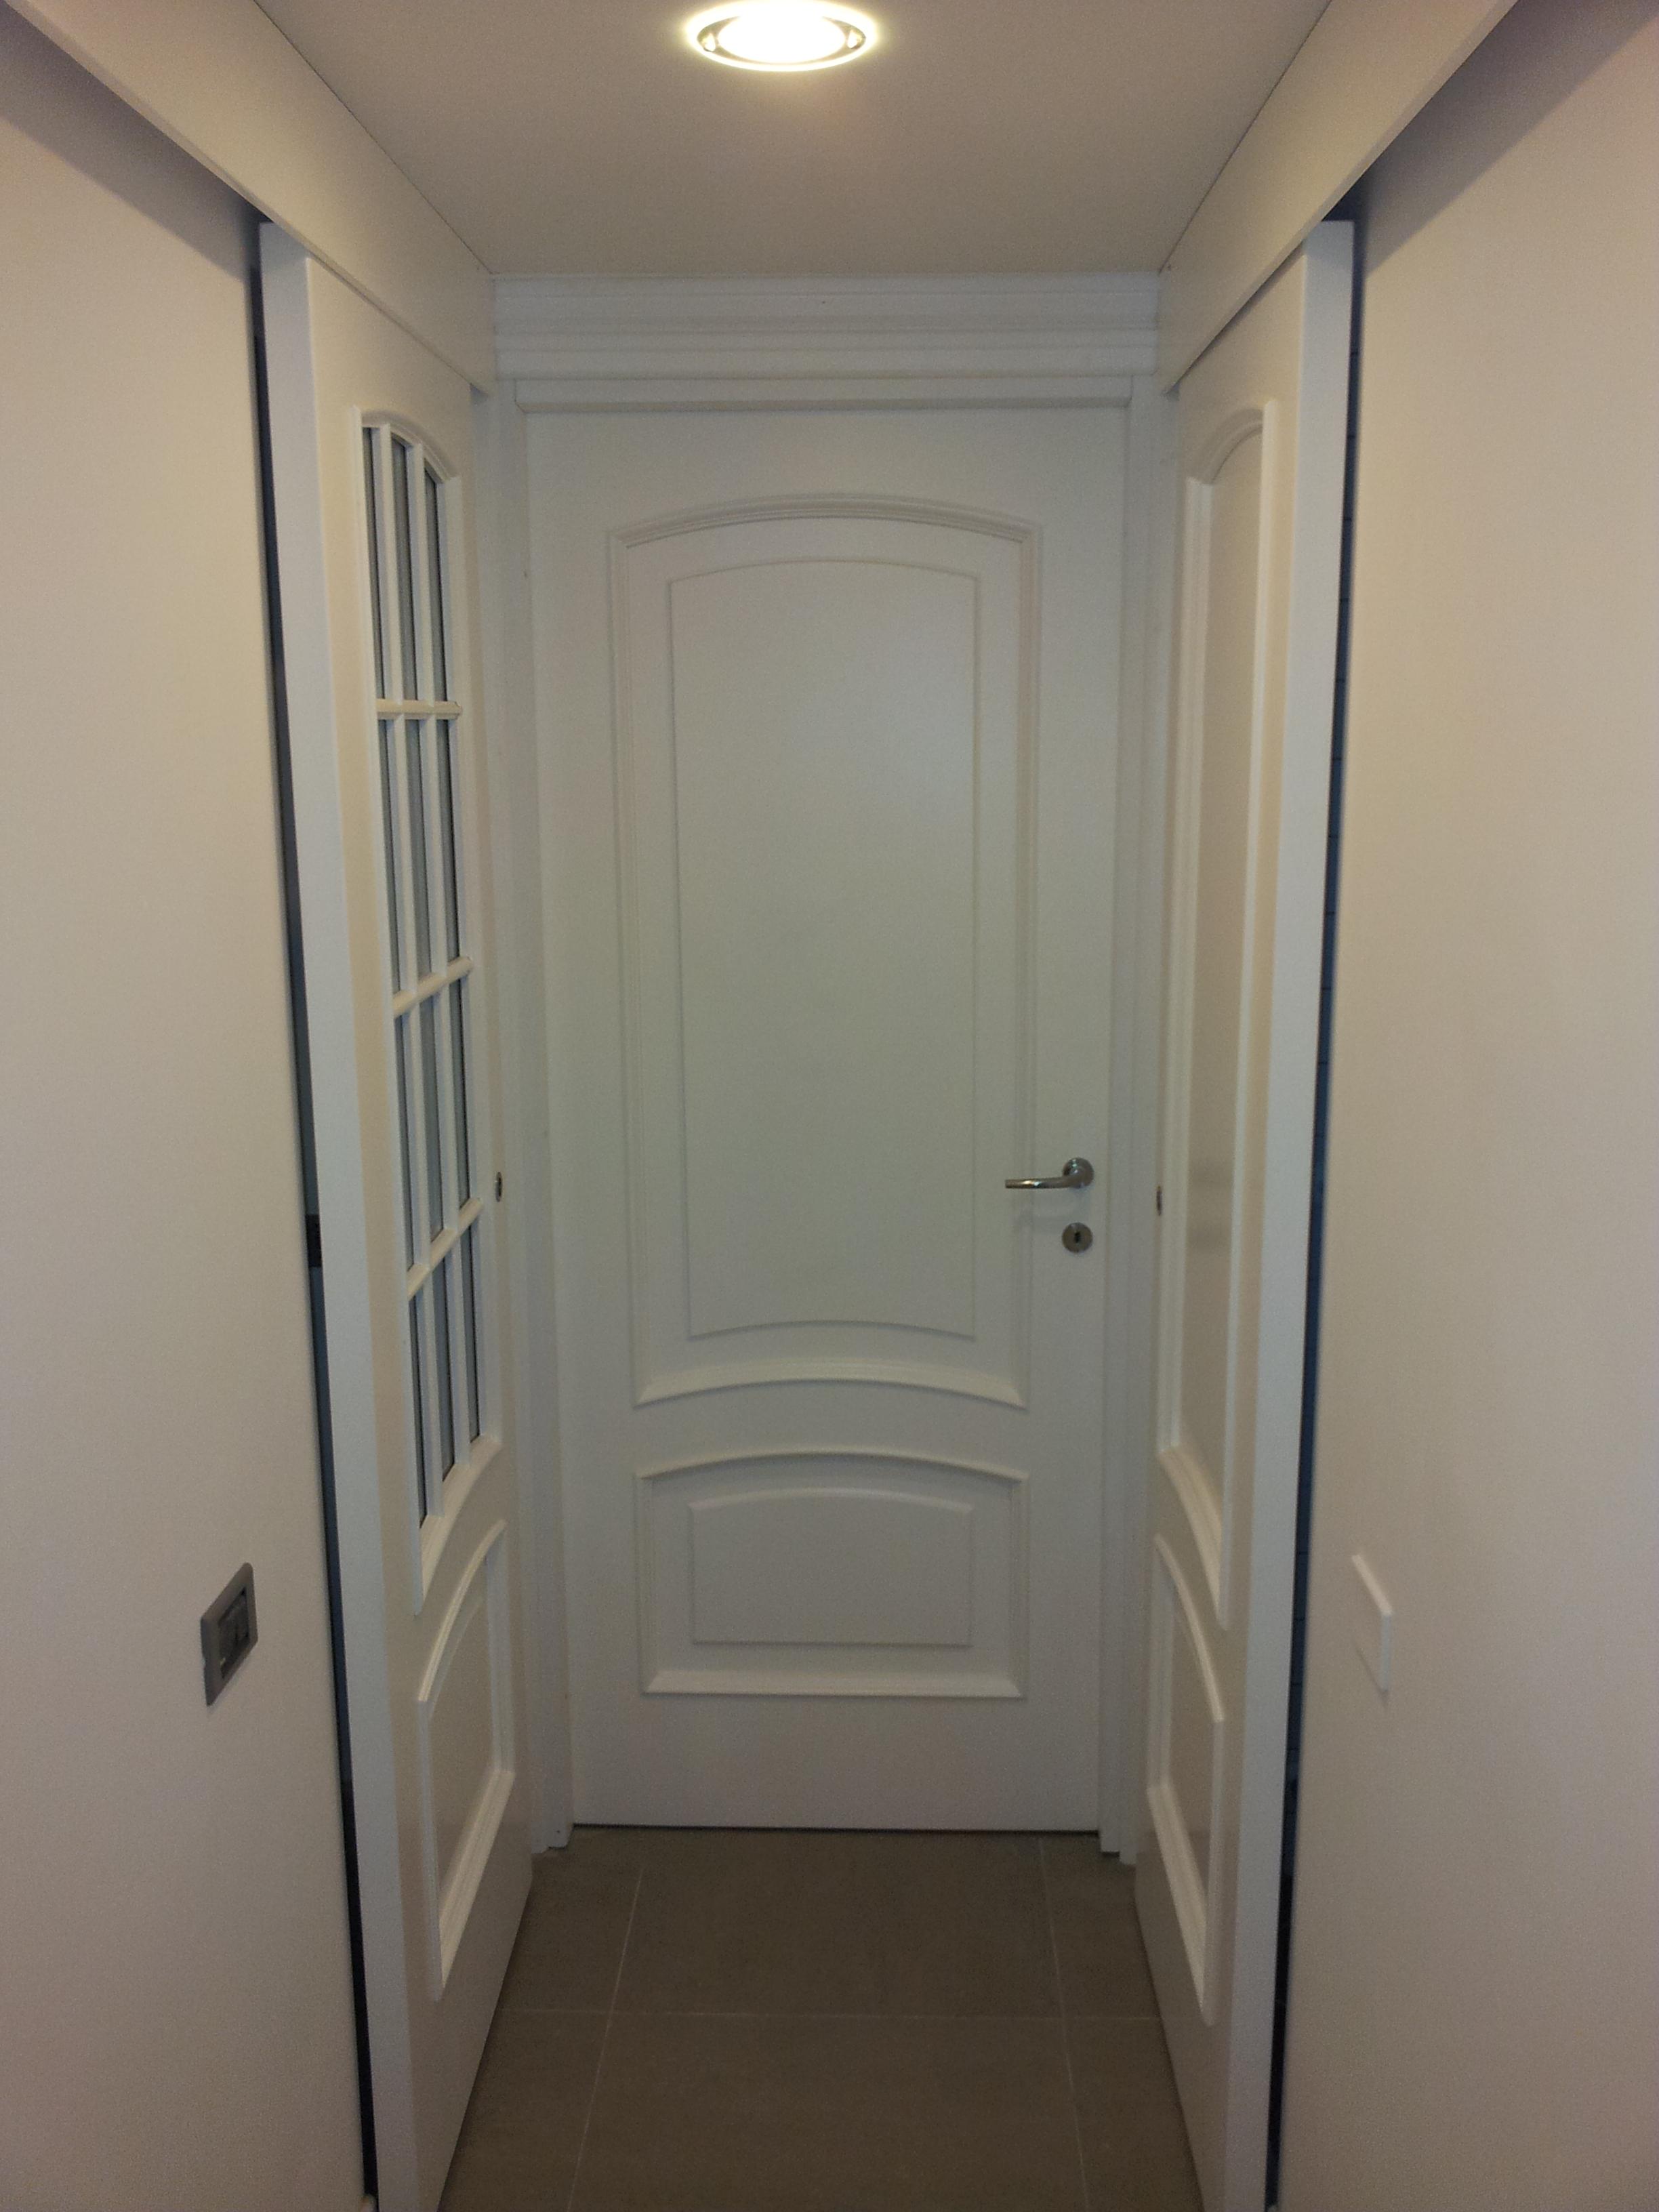 Restauro porte interne in legno restauro porte in legno falegnameria roma restauro legno - Restauro finestre in legno ...